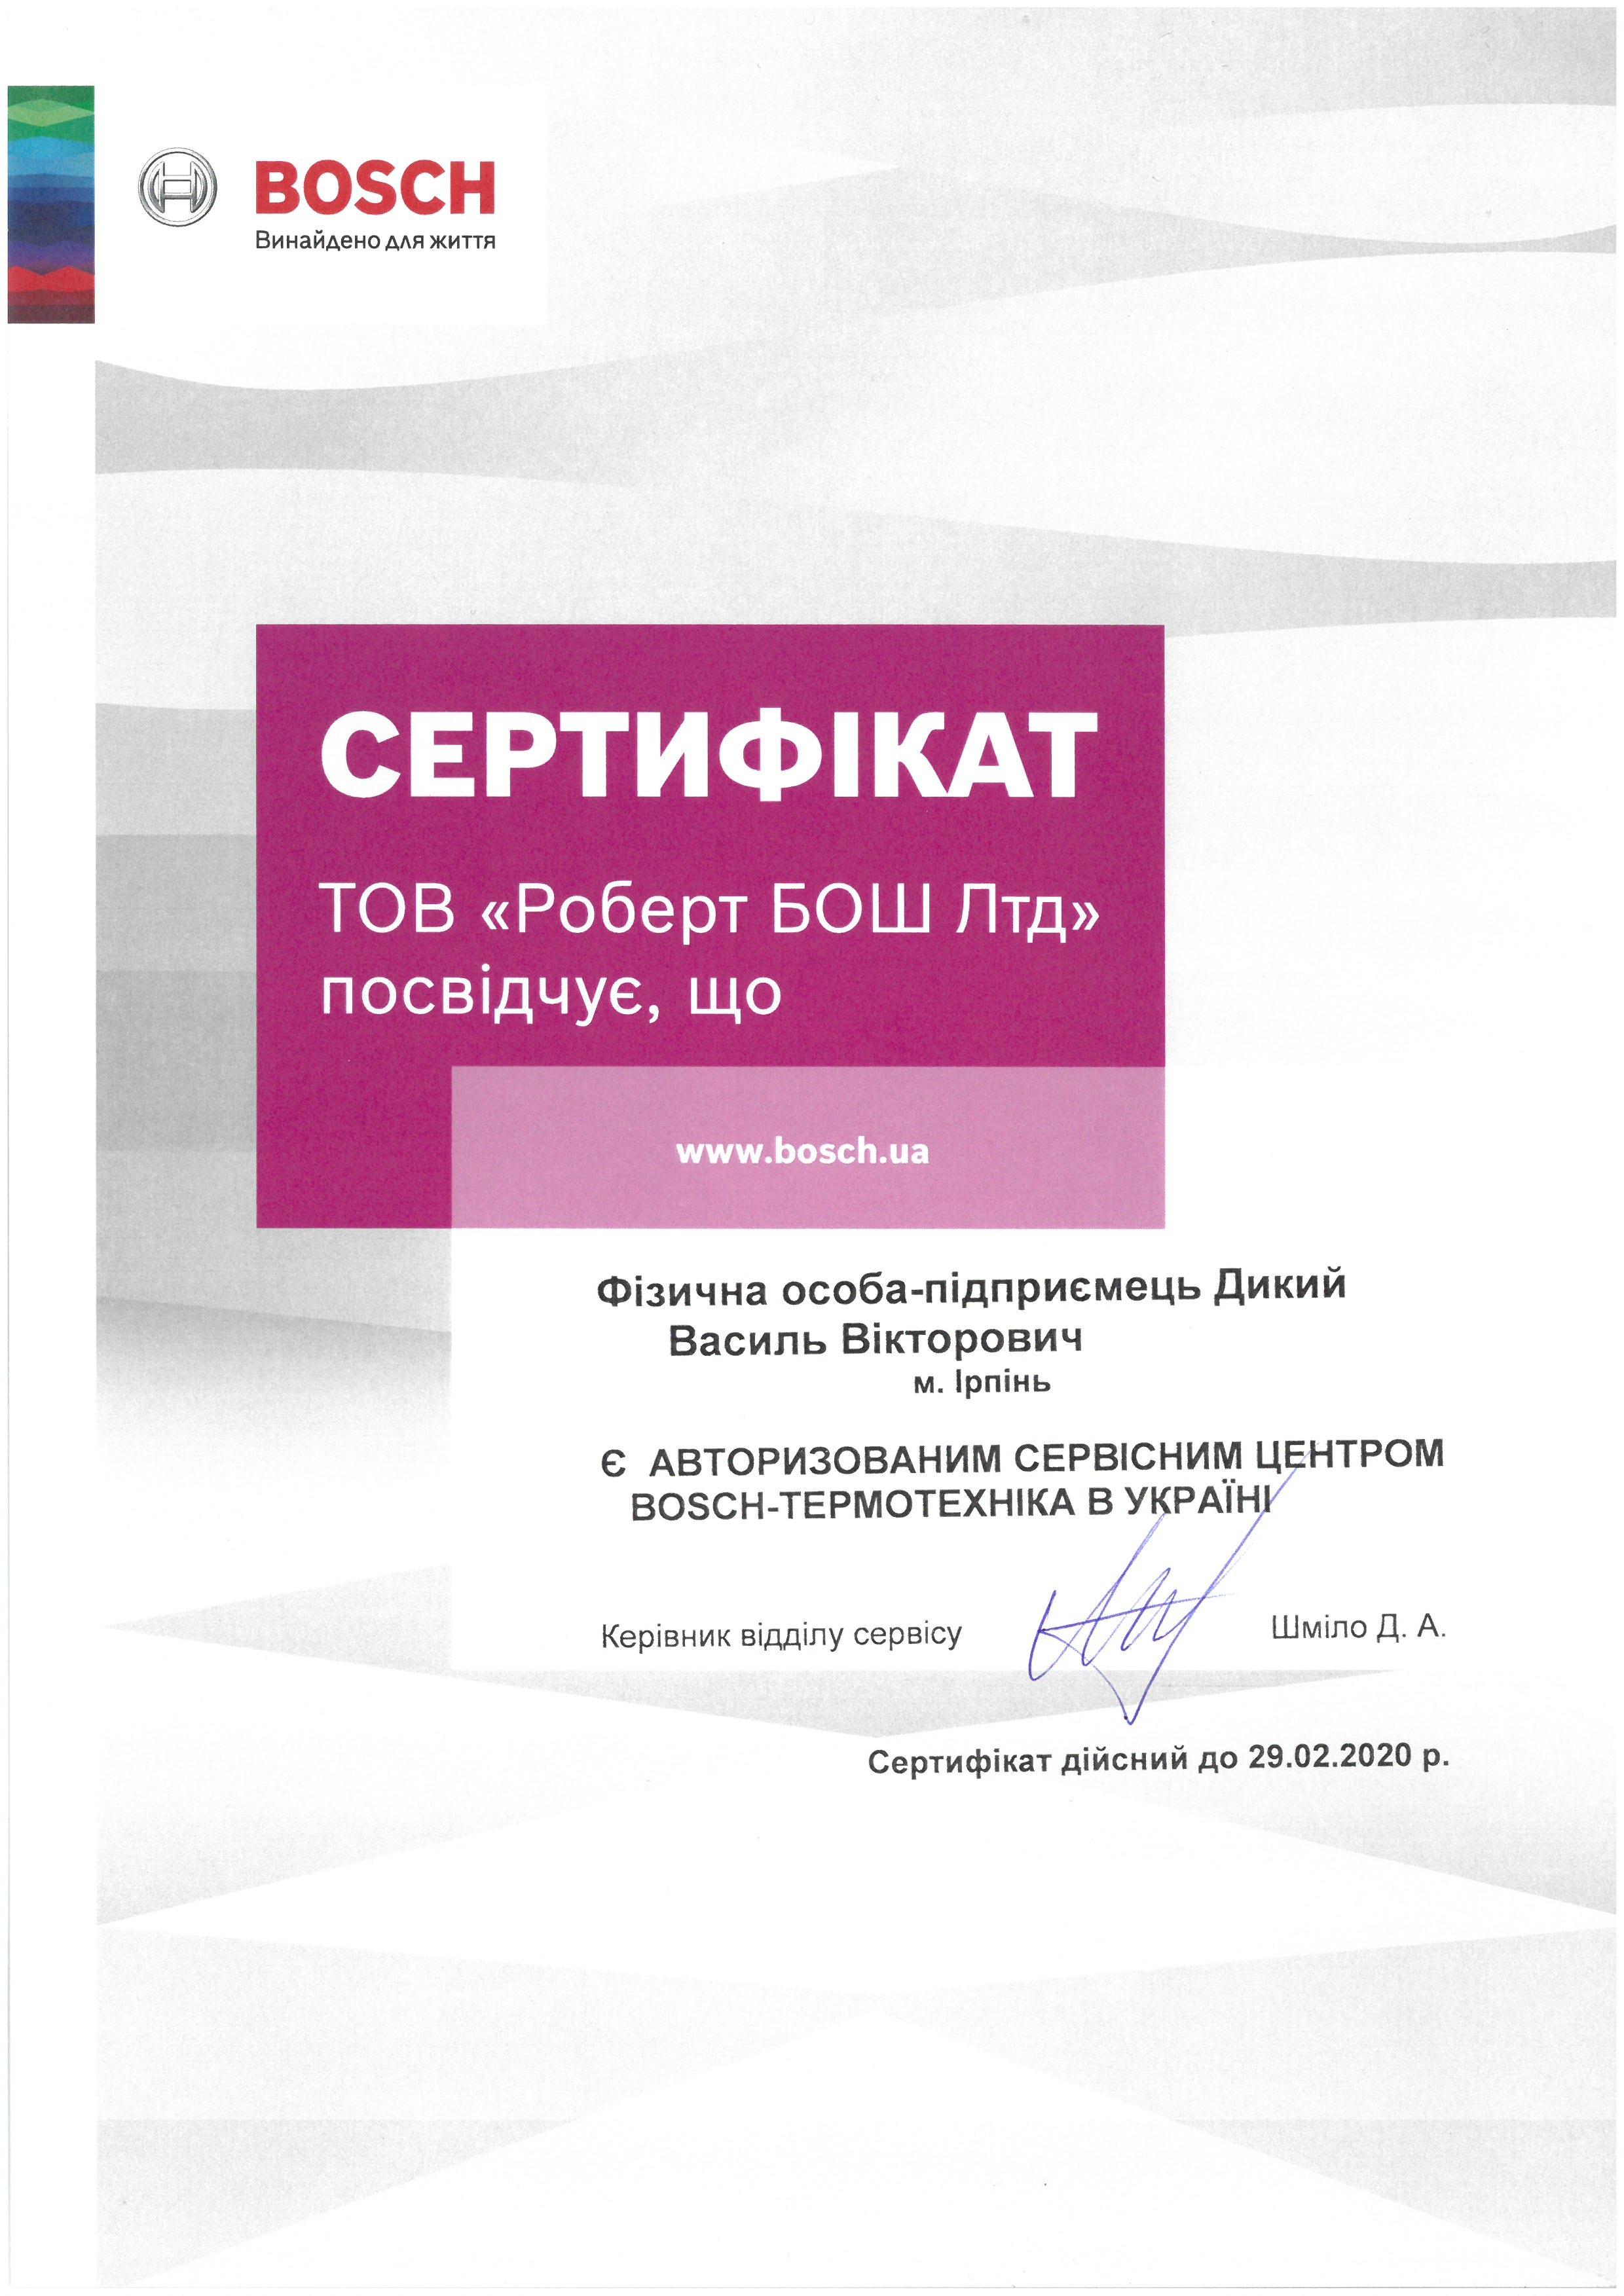 Свидетельство авторизованного сервисного центра Bosch - Сервисный центр KOTLOV - Ирпень